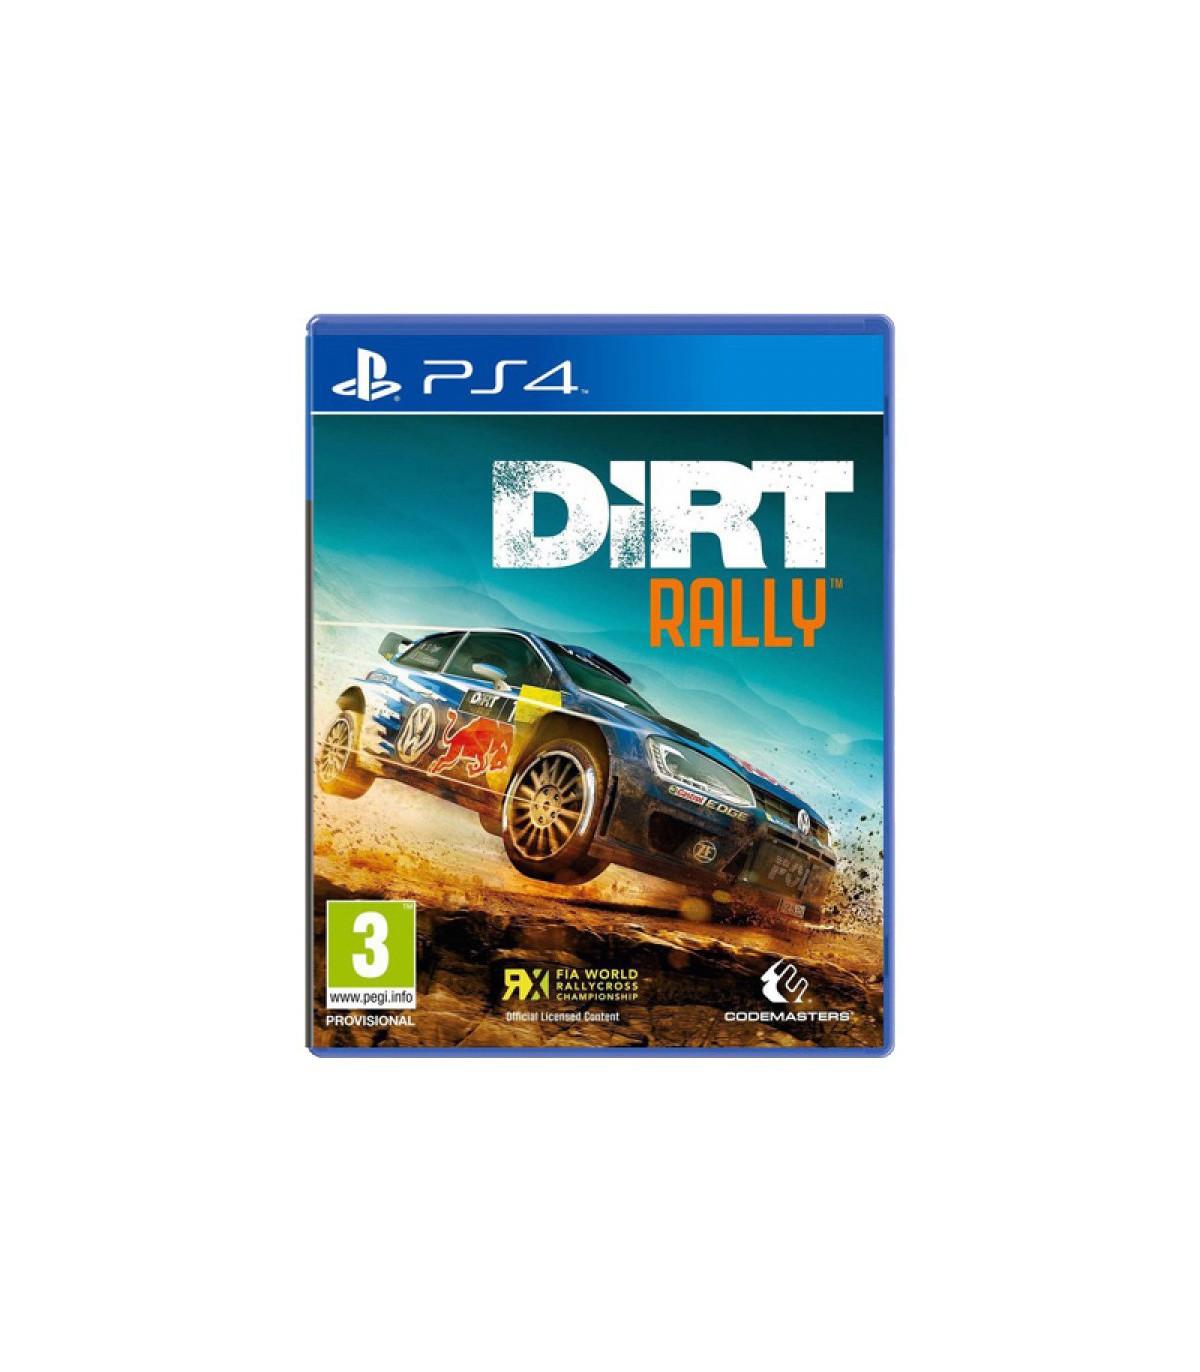 بازی Dirt Rally کارکرده - پلی استیشن